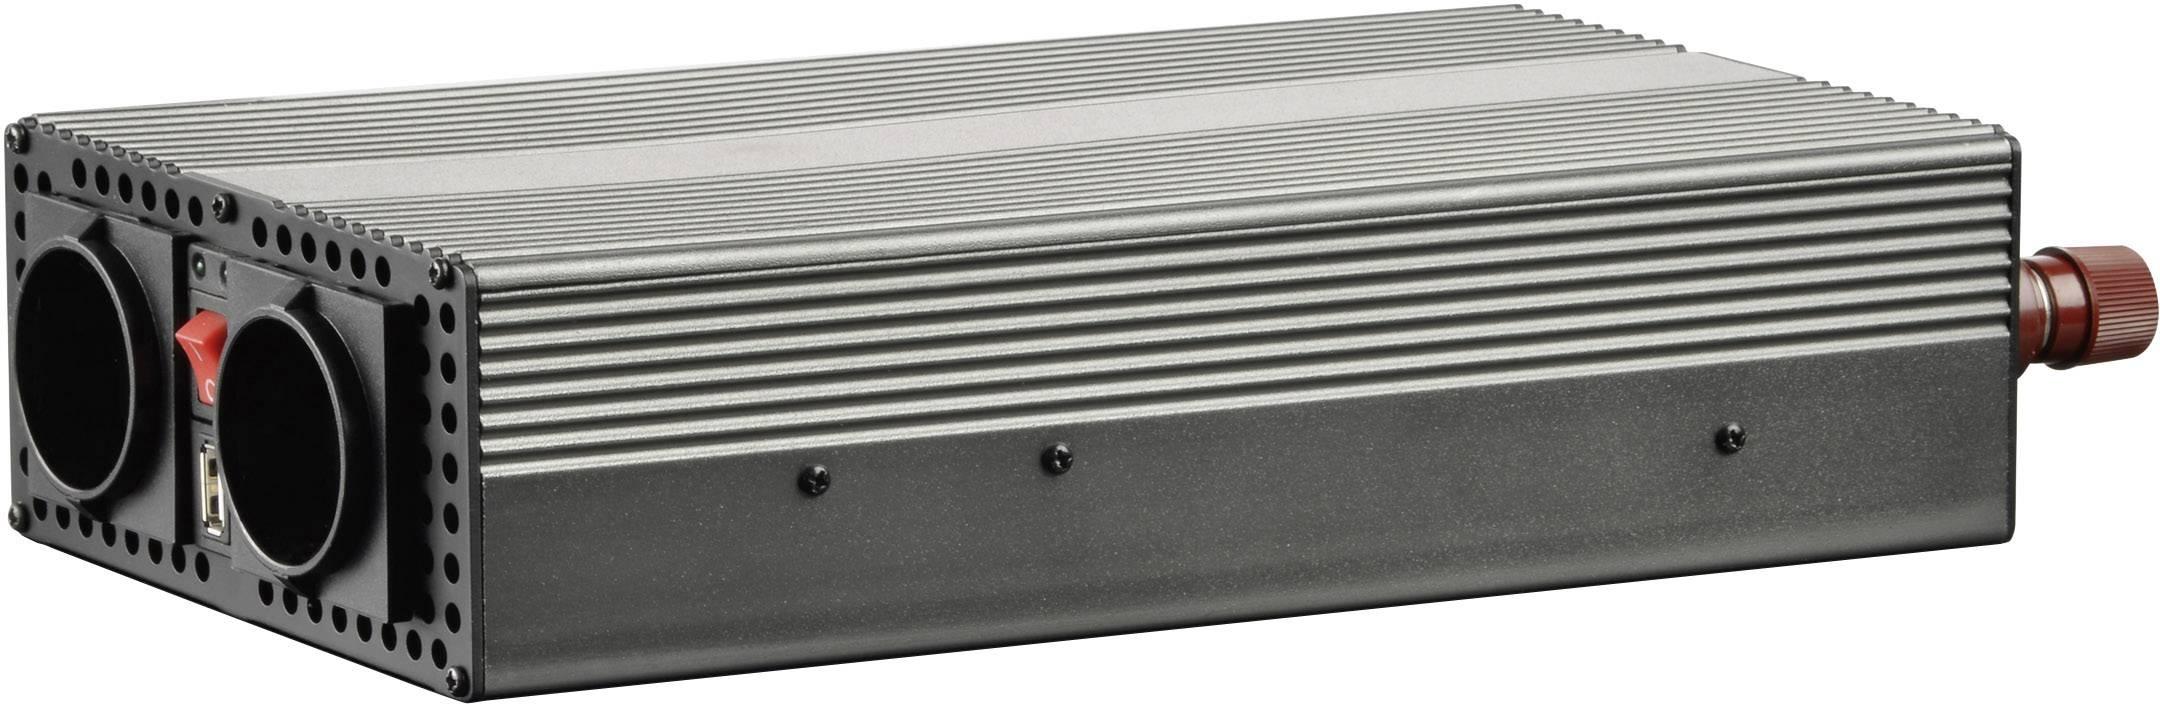 Měnič napětí Voltcraft MSW 1200-12-F, USB, CZ zásuvka